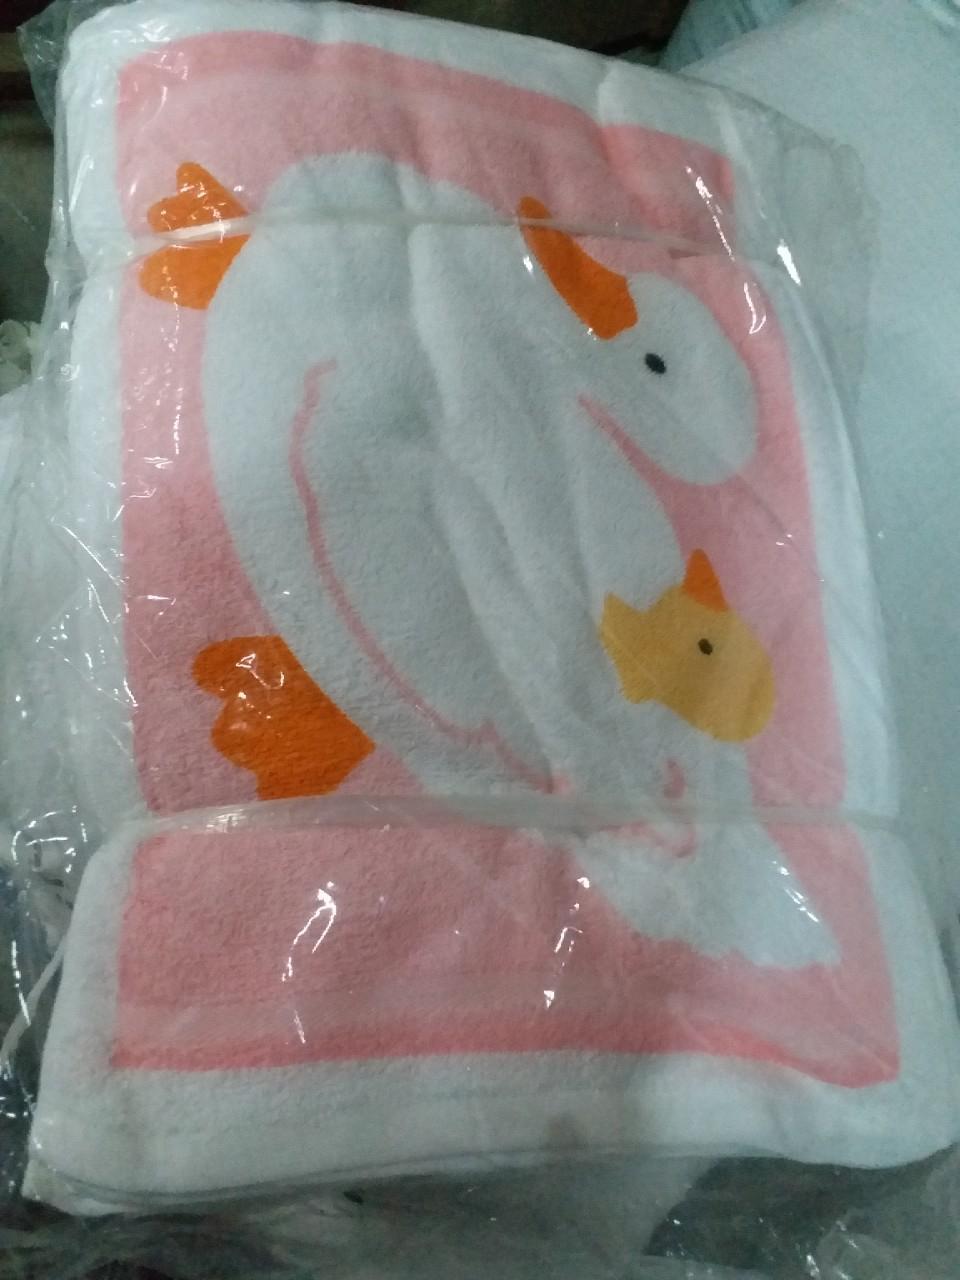 COMBO Rổ Nhựa 2in1 Có Thể Gấp Gọn Đa Chức Năng Cho Gia Đình + Móc Treo - Tặng 1 khăn lau bếp hình vịt ( màu ngẫu nhiên )